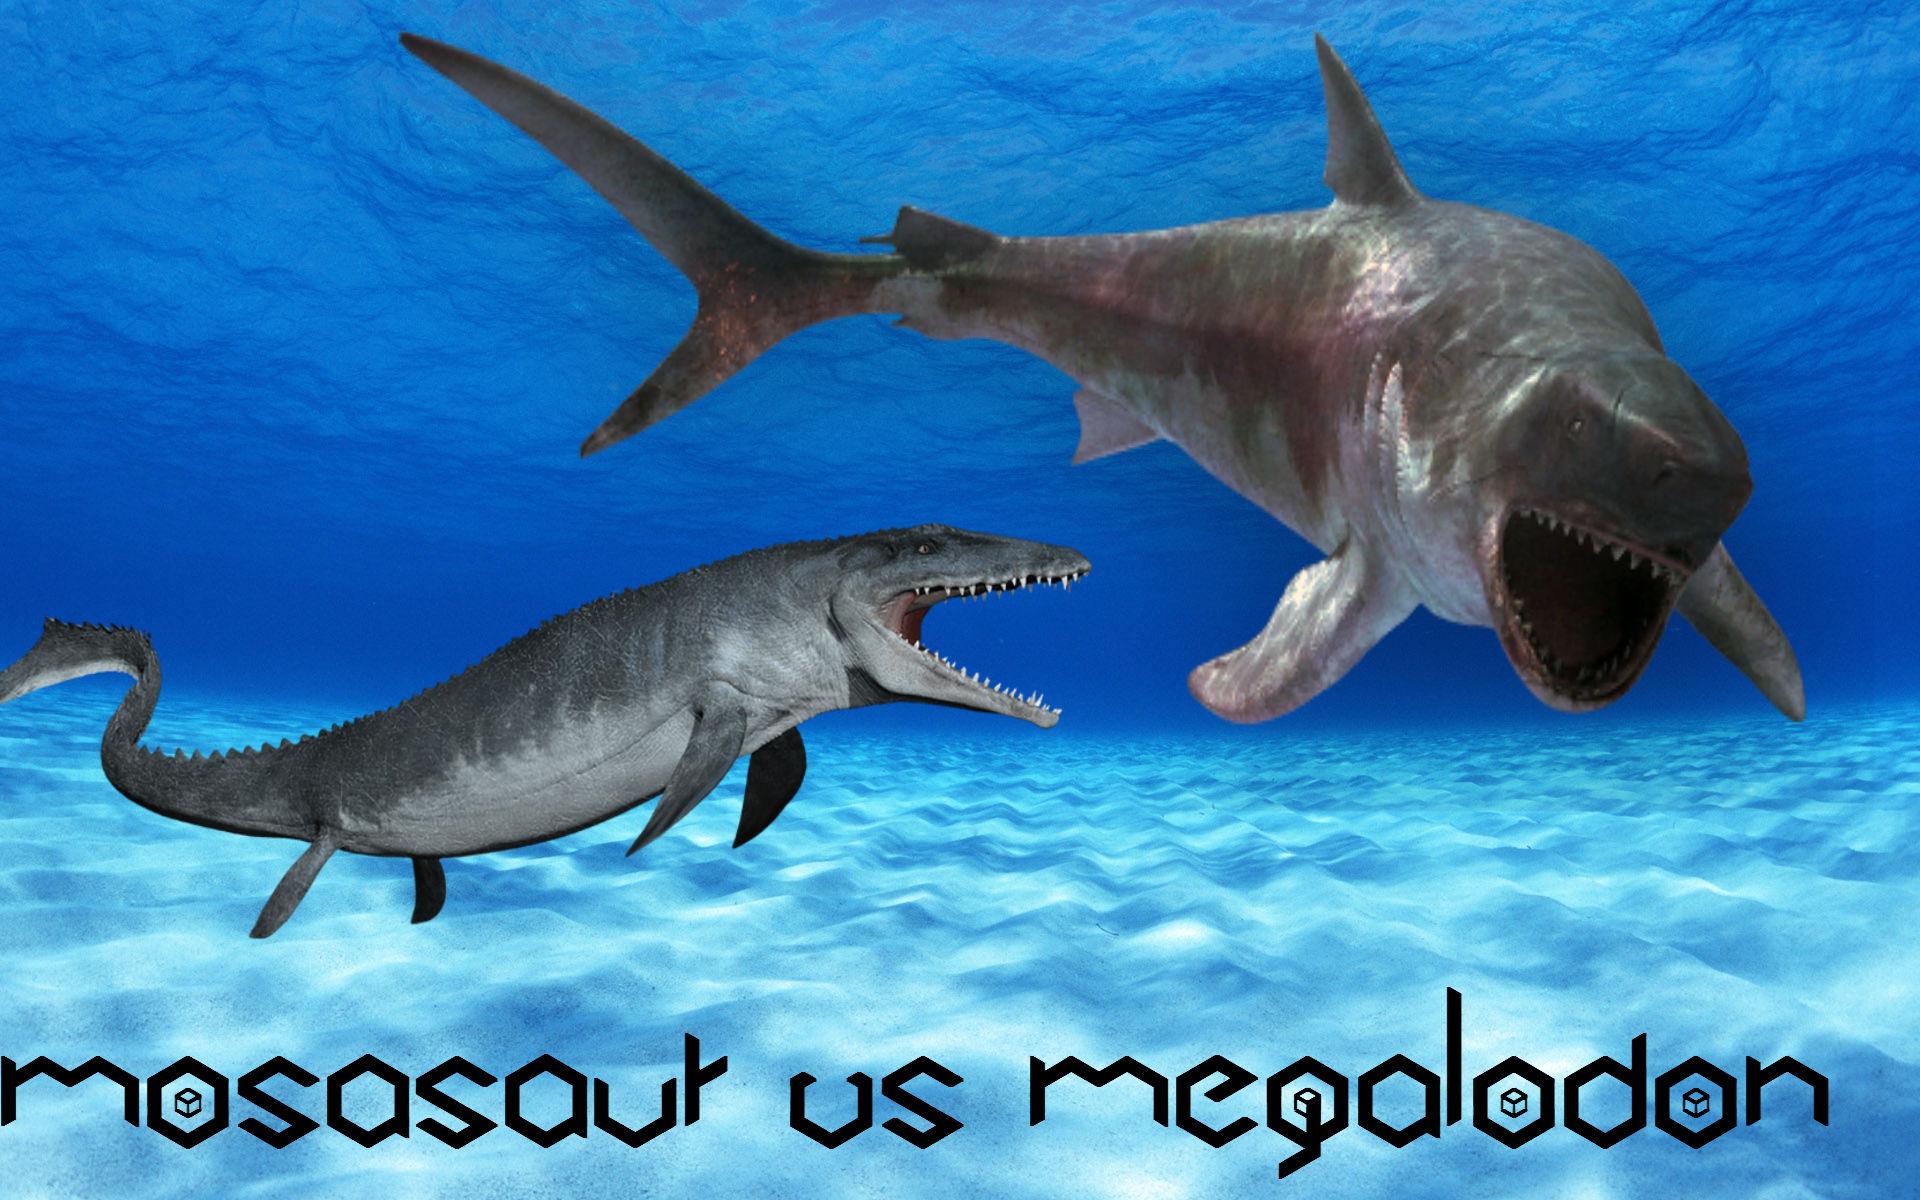 Megalodon Vs Killer Whale | www.imgkid.com - The Image Kid ...